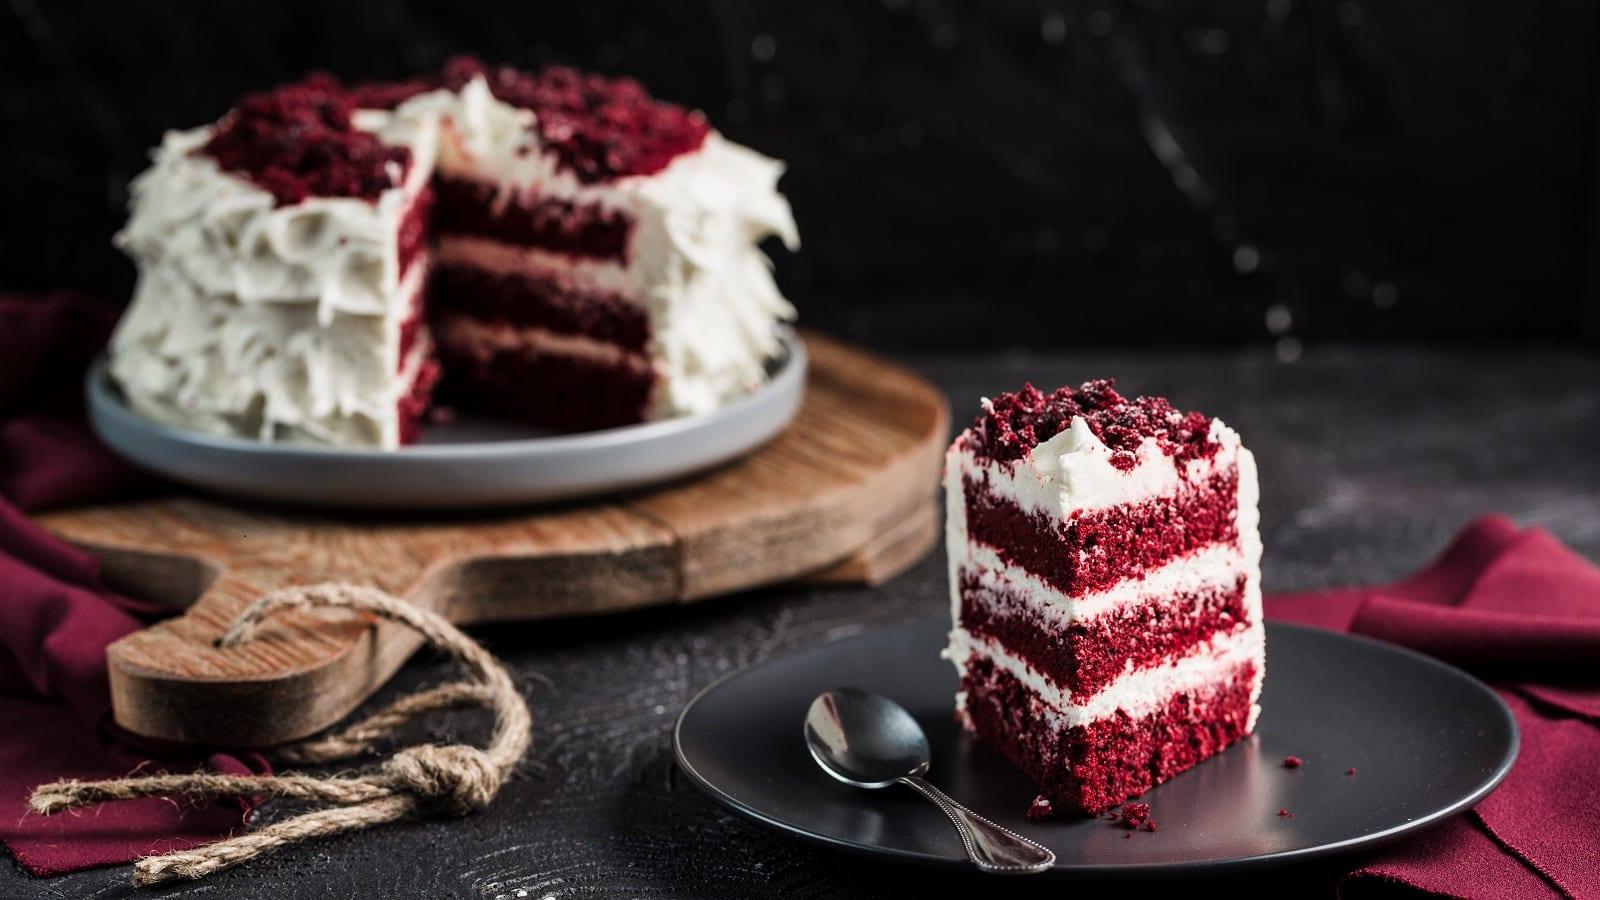 Ein Stück Red Velvet Cake ist auf einem schwarzen Teller angerichtet, zusammen mit einem Löffel. Im Hintergrund sieht man den ganzen Kuchen, dem ein Stück fehlt, auf einem Holzbrett stehen.